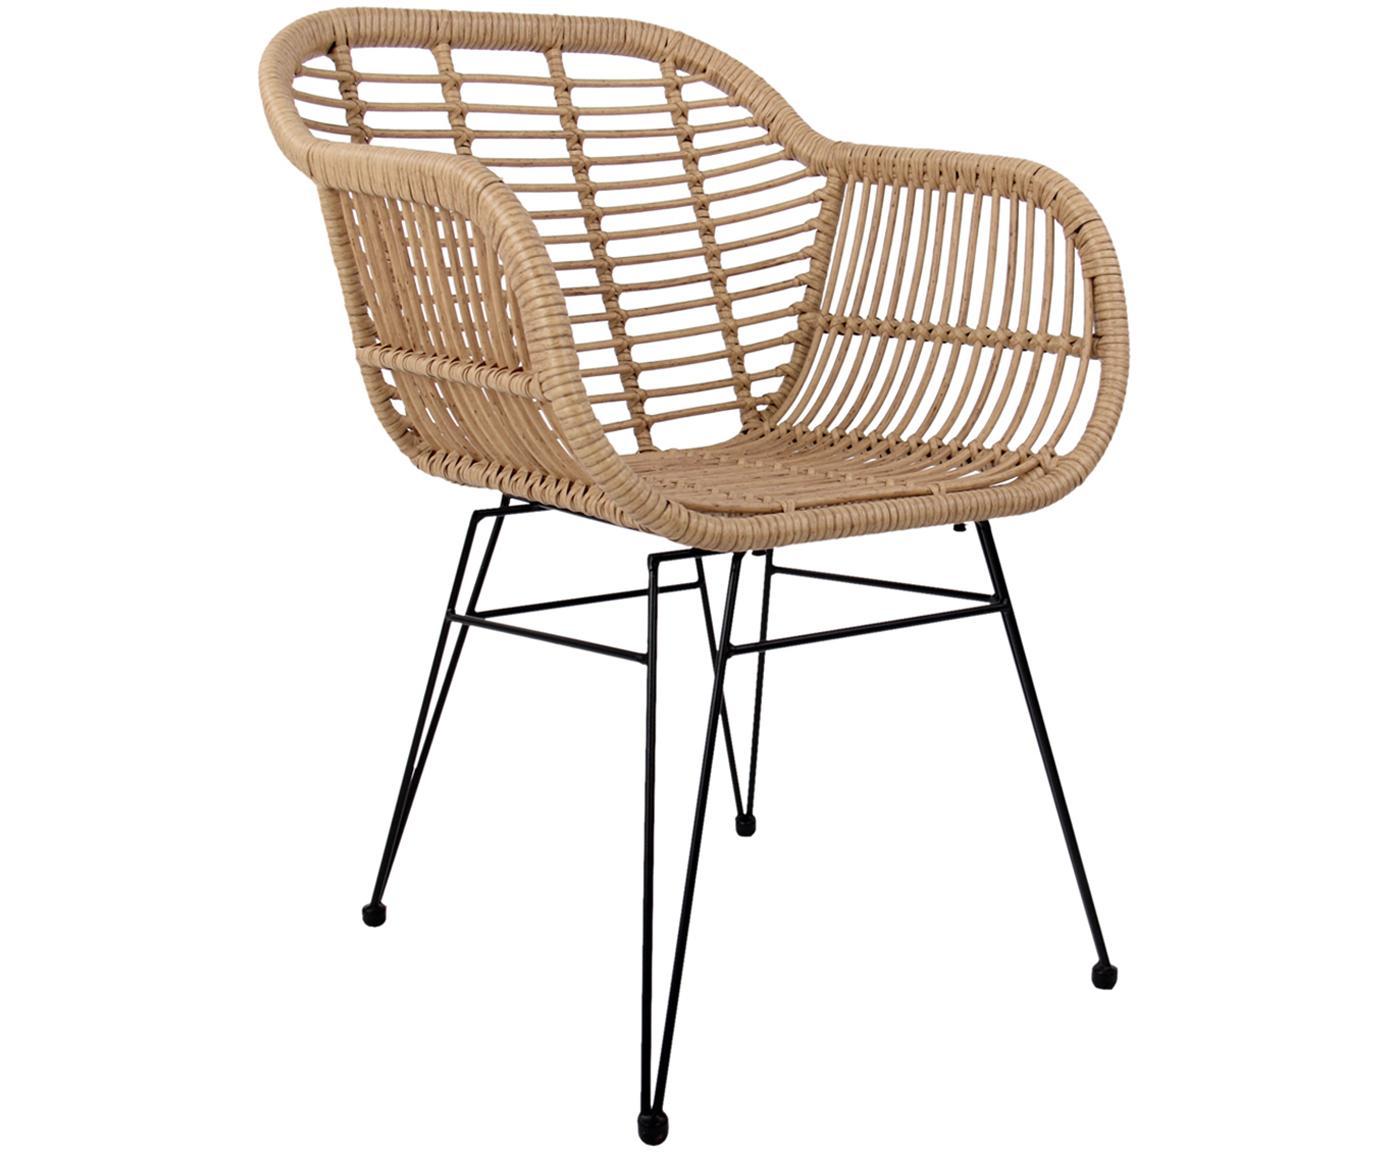 Polyrattan-Armlehnstühle Costa, 2 Stück, Sitzfläche: Polyethylen-Geflecht, Gestell: Metall, pulverbeschichtet, Hellbraun, Beine Schwarz, B 60 x T 58 cm